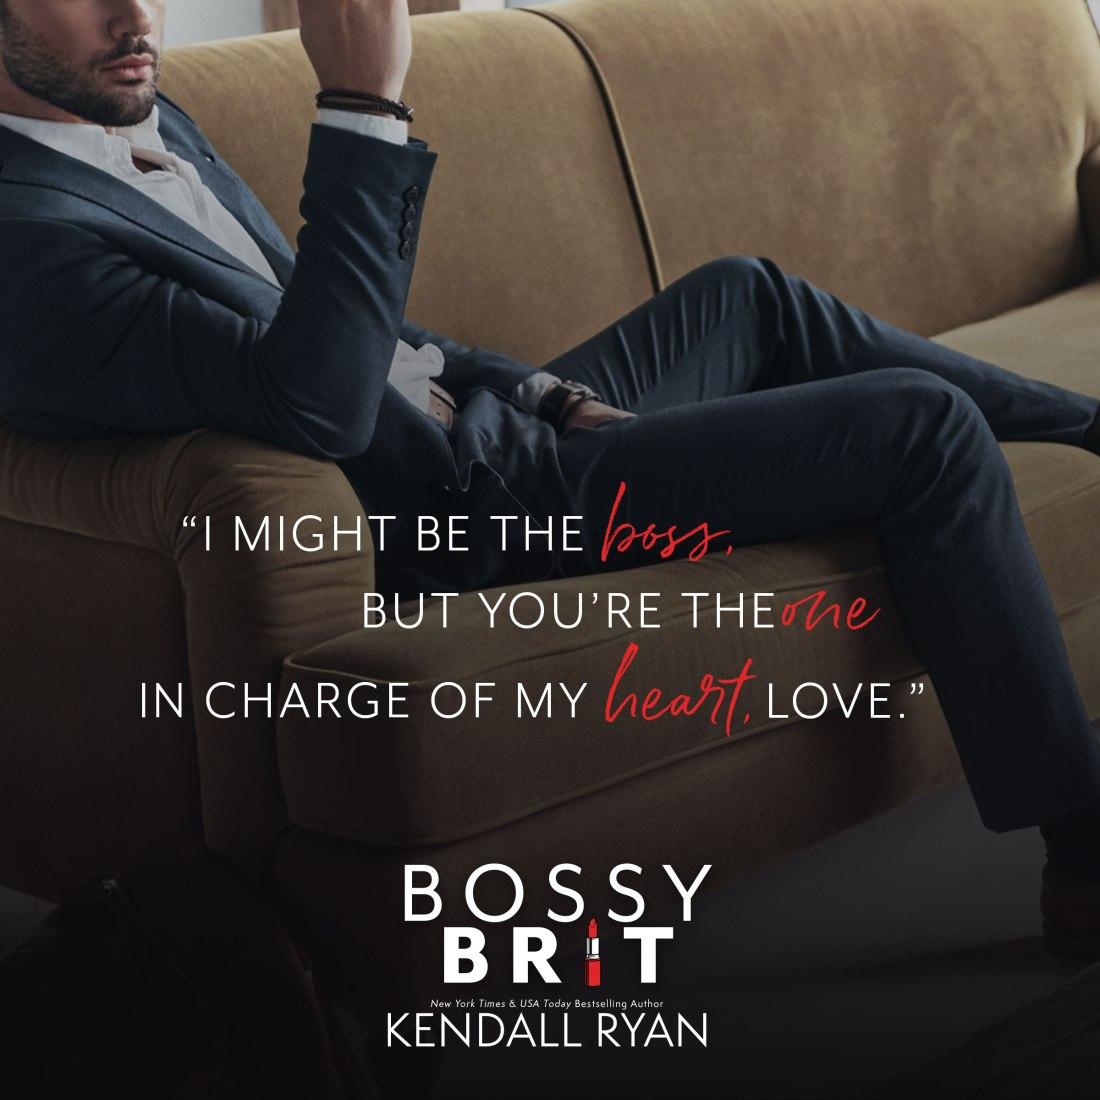 BossyBrit-teaser3